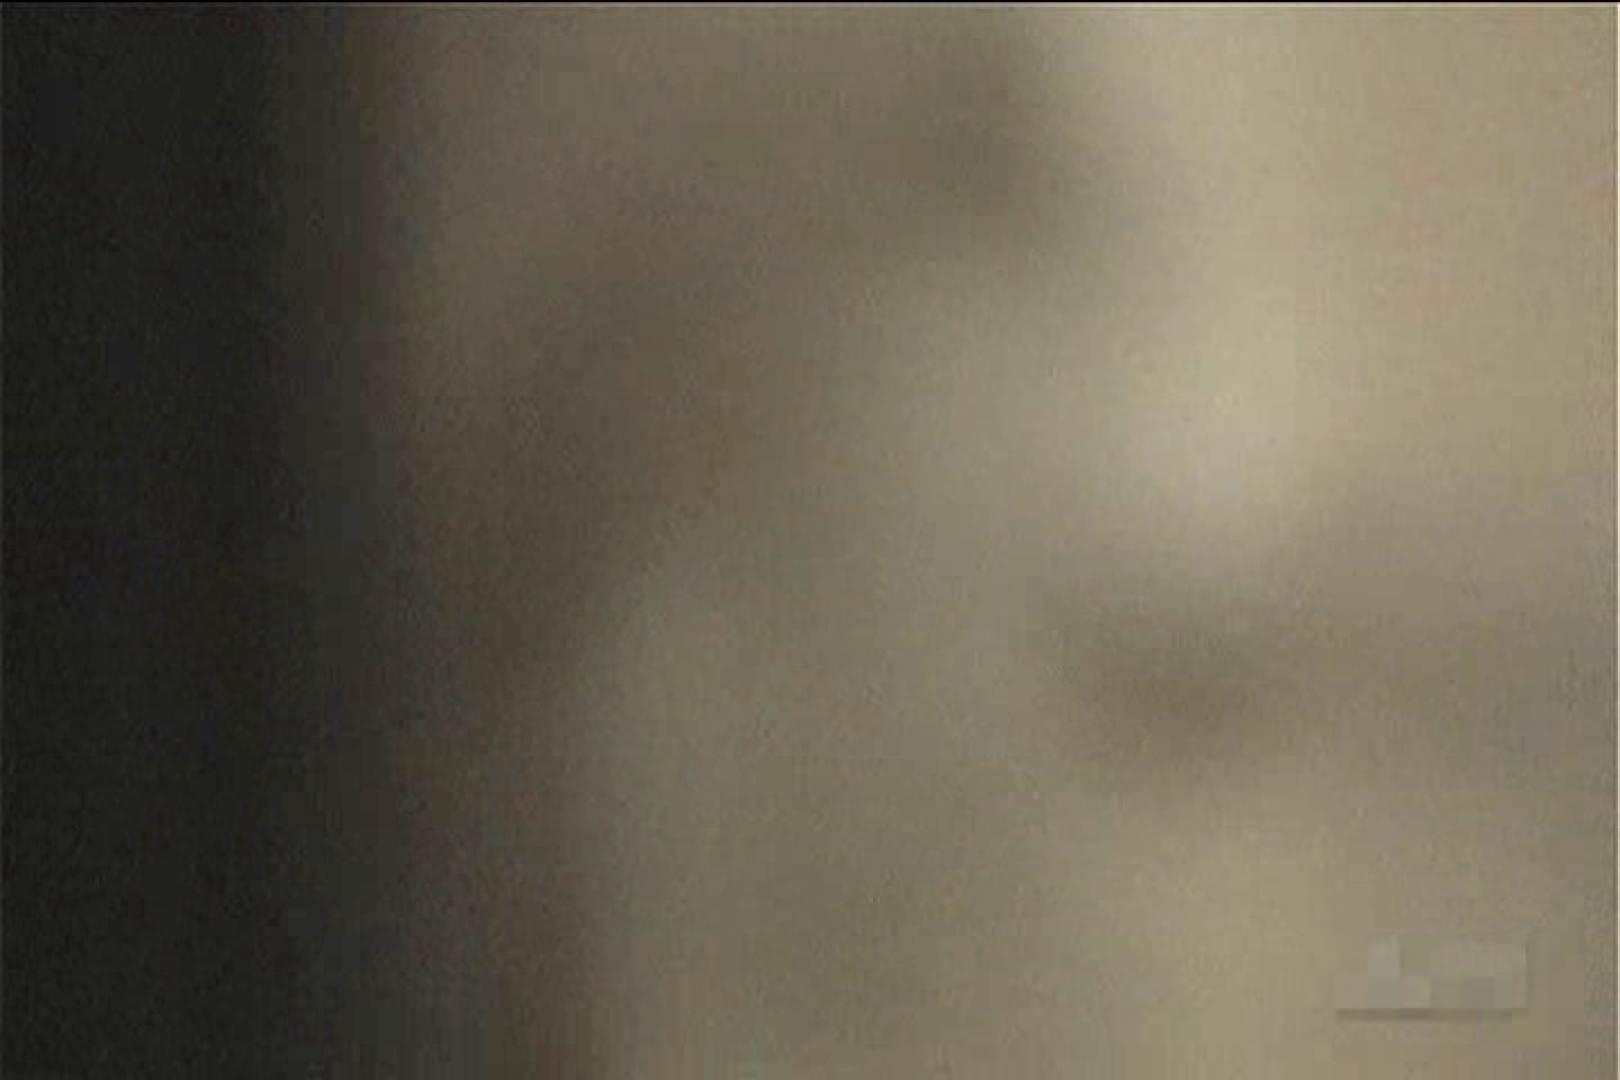 激撮ストーカー記録あなたのお宅拝見しますVol.8 独占盗撮 セックス無修正動画無料 110連発 97